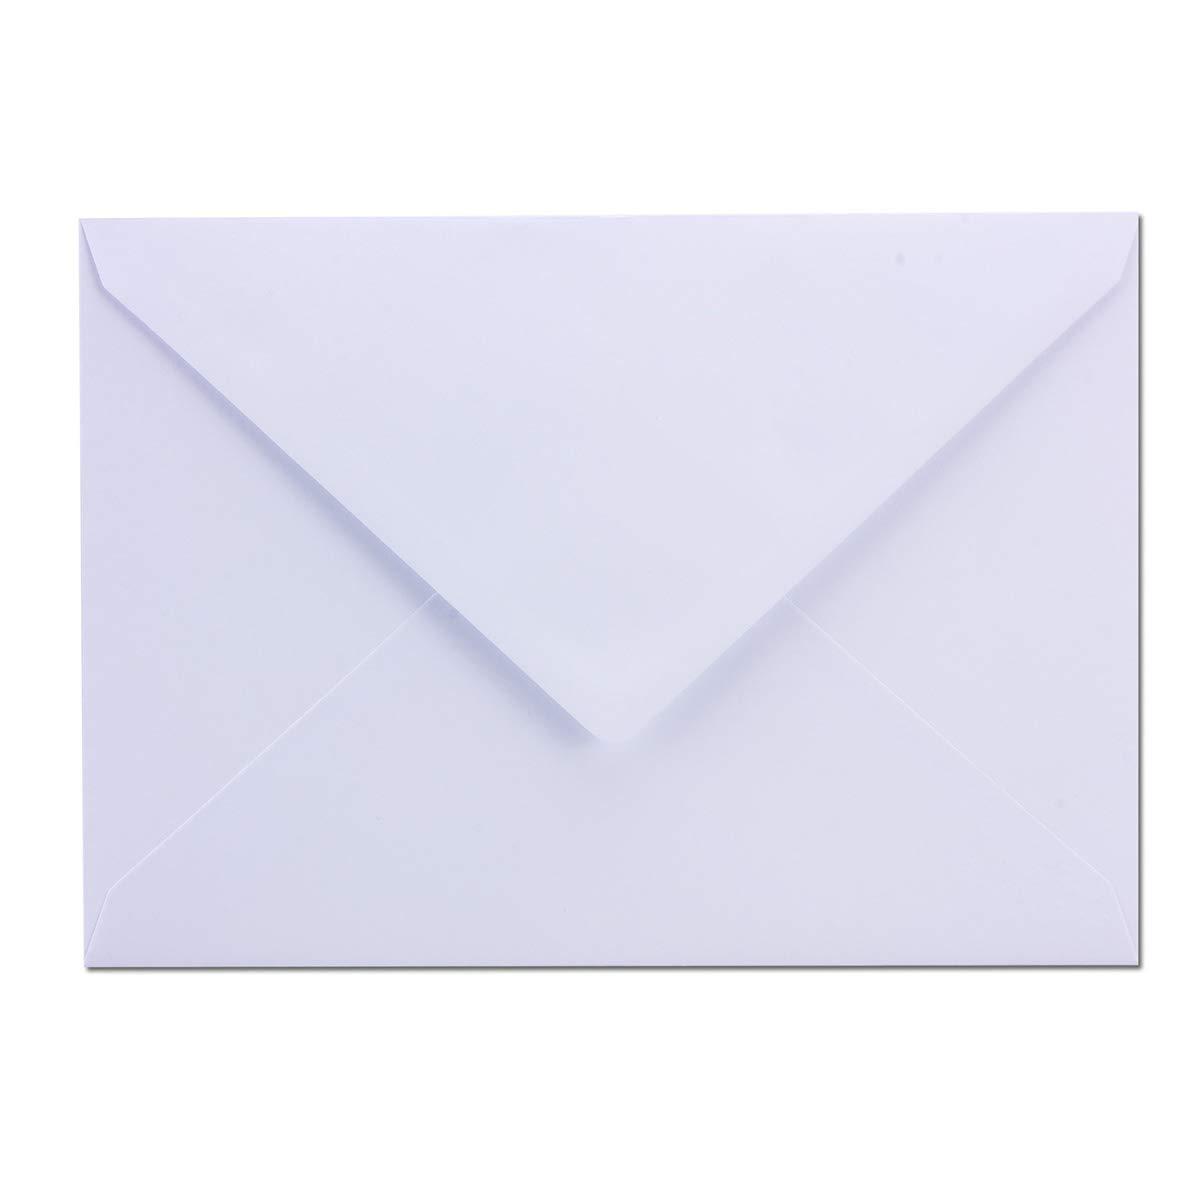 Faltkarten-Set mit Umschlägen DIN A6     Naturweiß mit Goldenen Metallic Sternen   200 Sets   für Drucker geeignet  Ideal für Weihnachtskarten - Qualitätsmarke  NEUSER FarbenFroh B07QD1WWV5 | Shopping Online  49add0